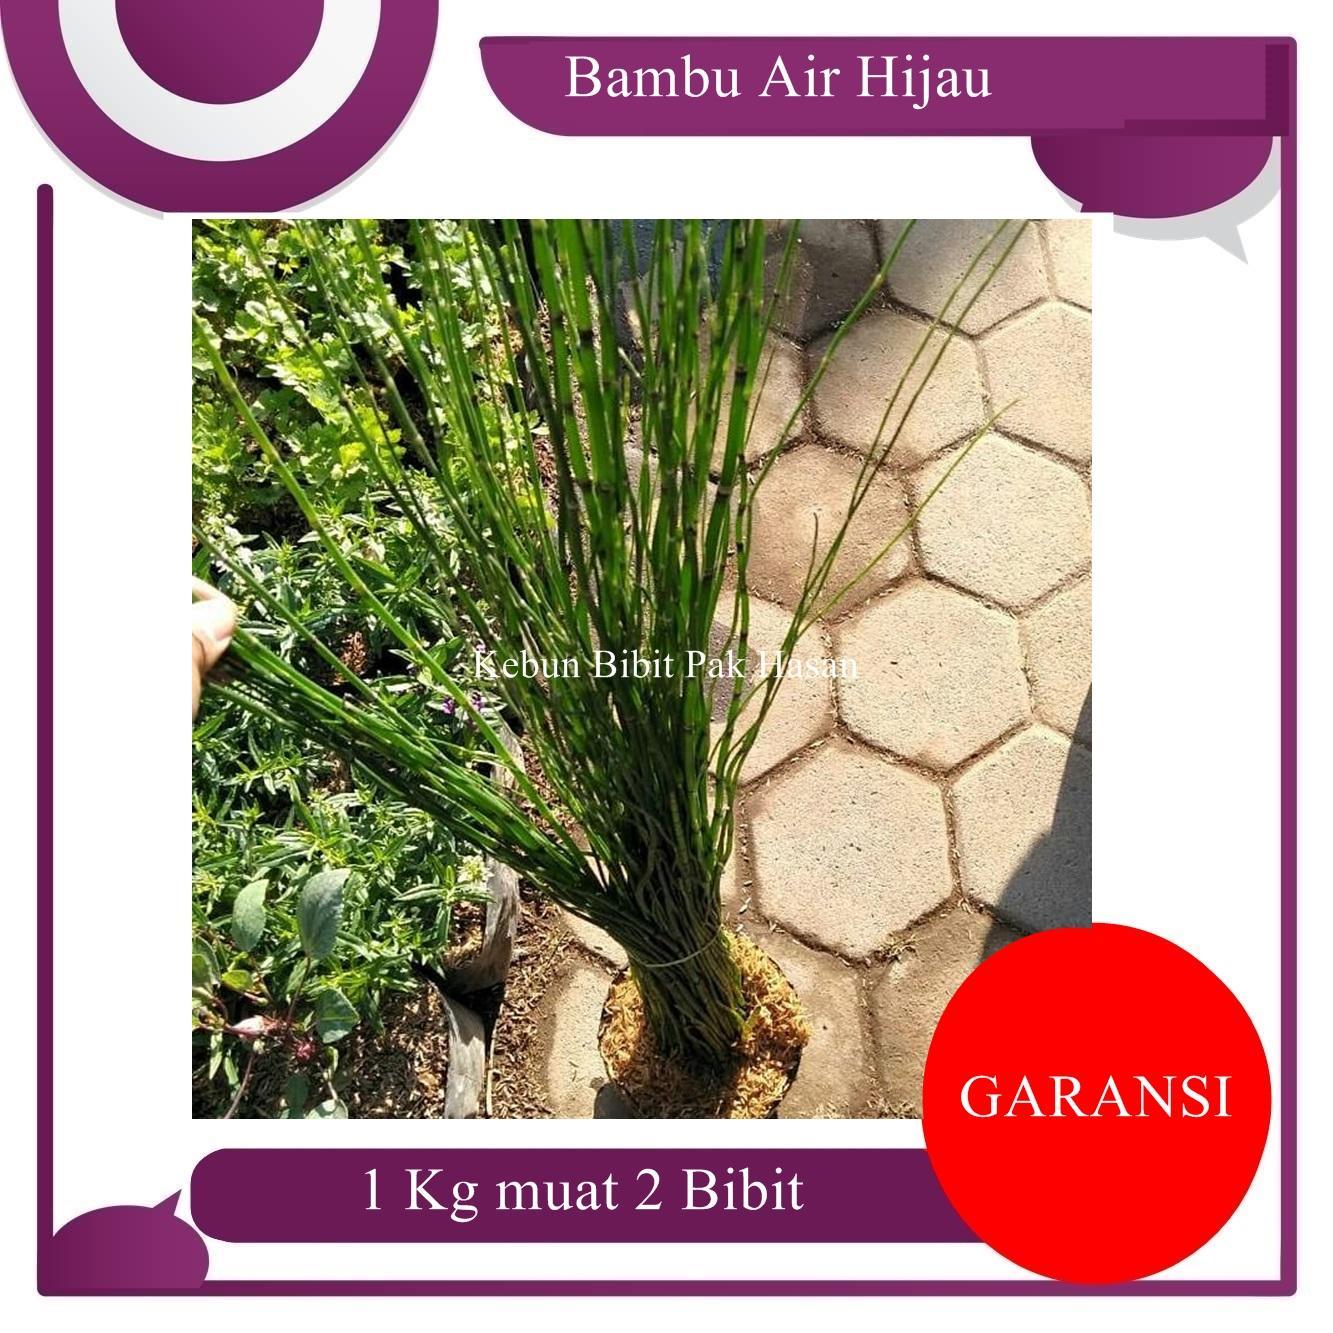 Sunwonder Baru Bagus Menggemaskan Bunga Harum Wangi Benih Bonsai Tanaman  Lidah Buaya Biji-Intl. 936f447b1b